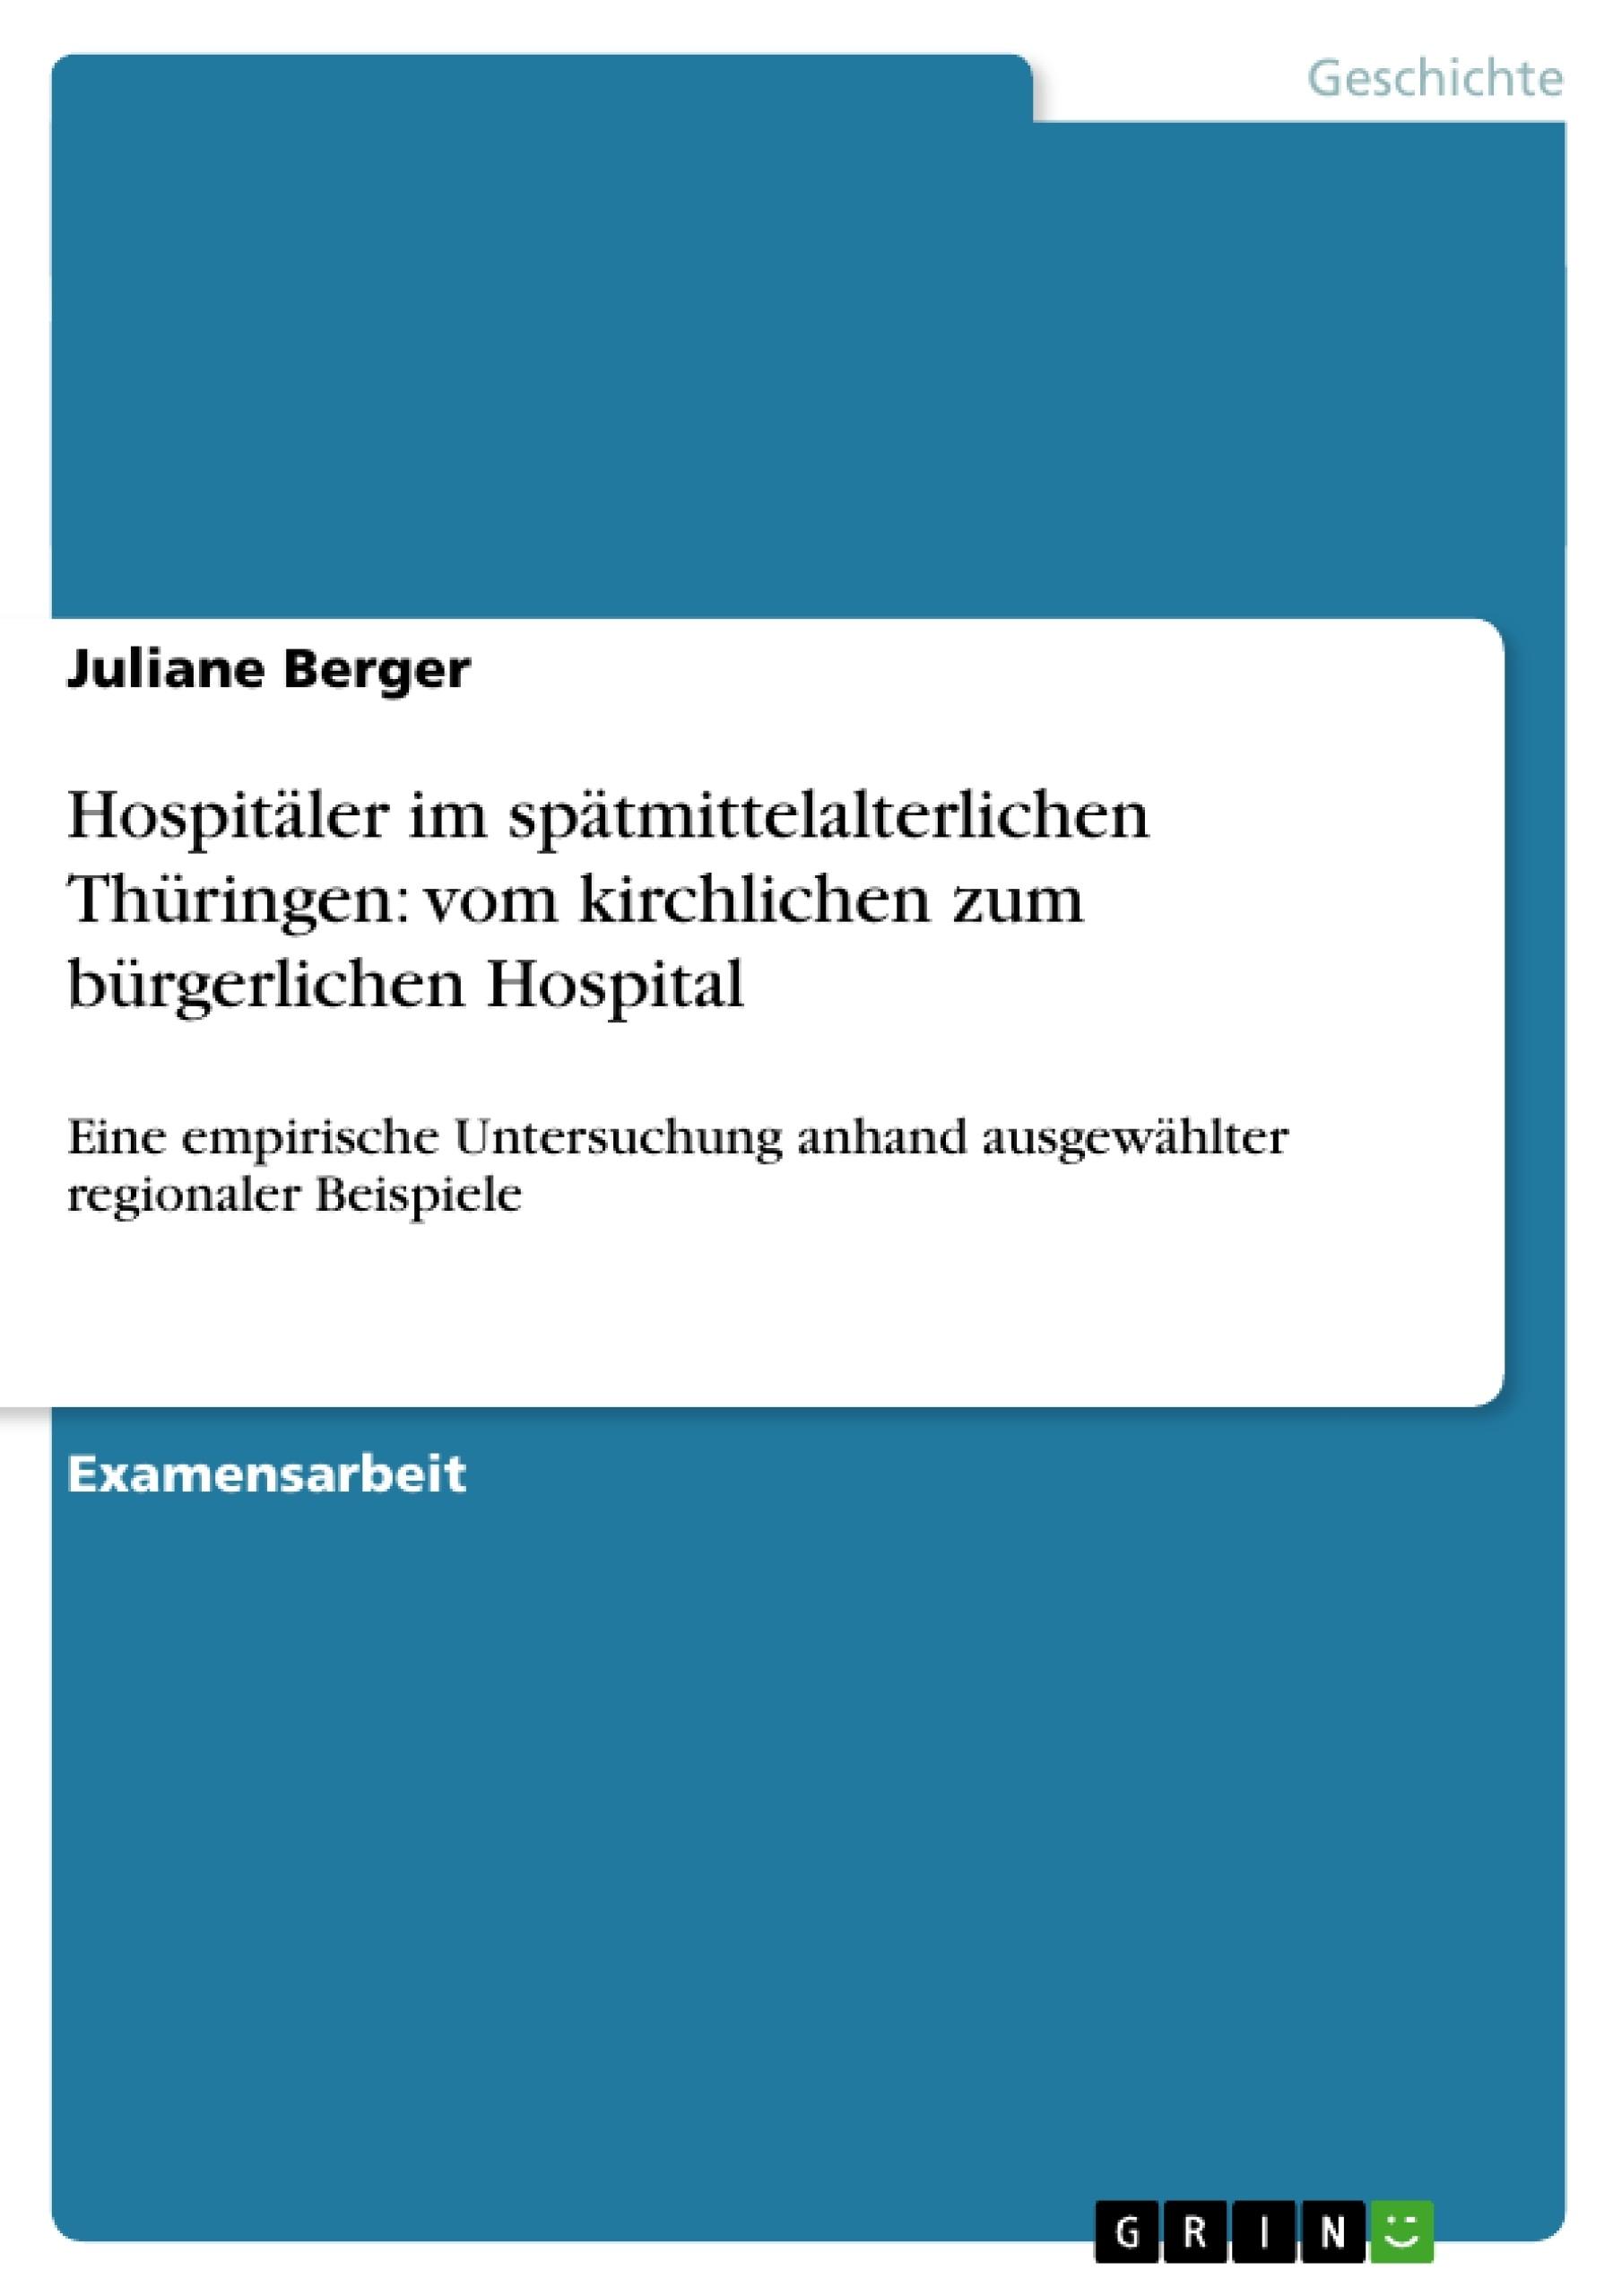 Titel: Hospitäler im spätmittelalterlichen Thüringen: vom kirchlichen zum bürgerlichen Hospital